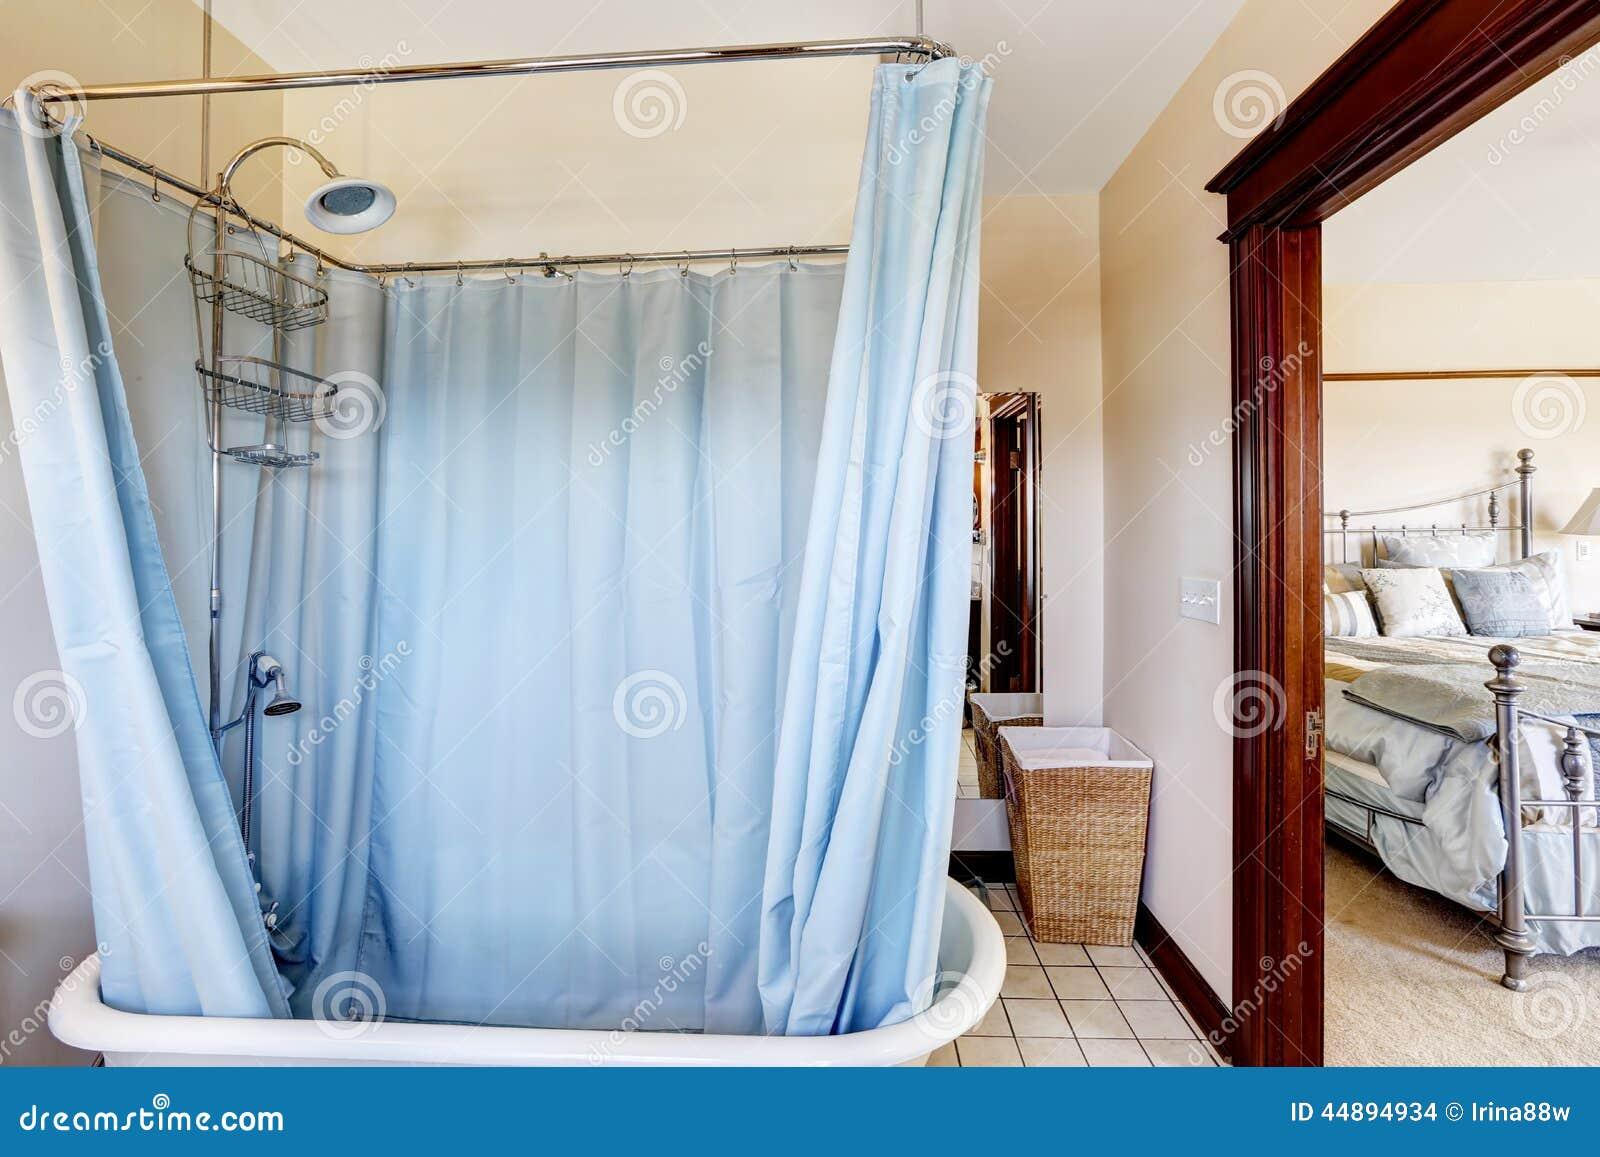 Vasca Da Bagno Con Tenda : Bagno con la vasca da bagno e la tenda blu intorno fotografia